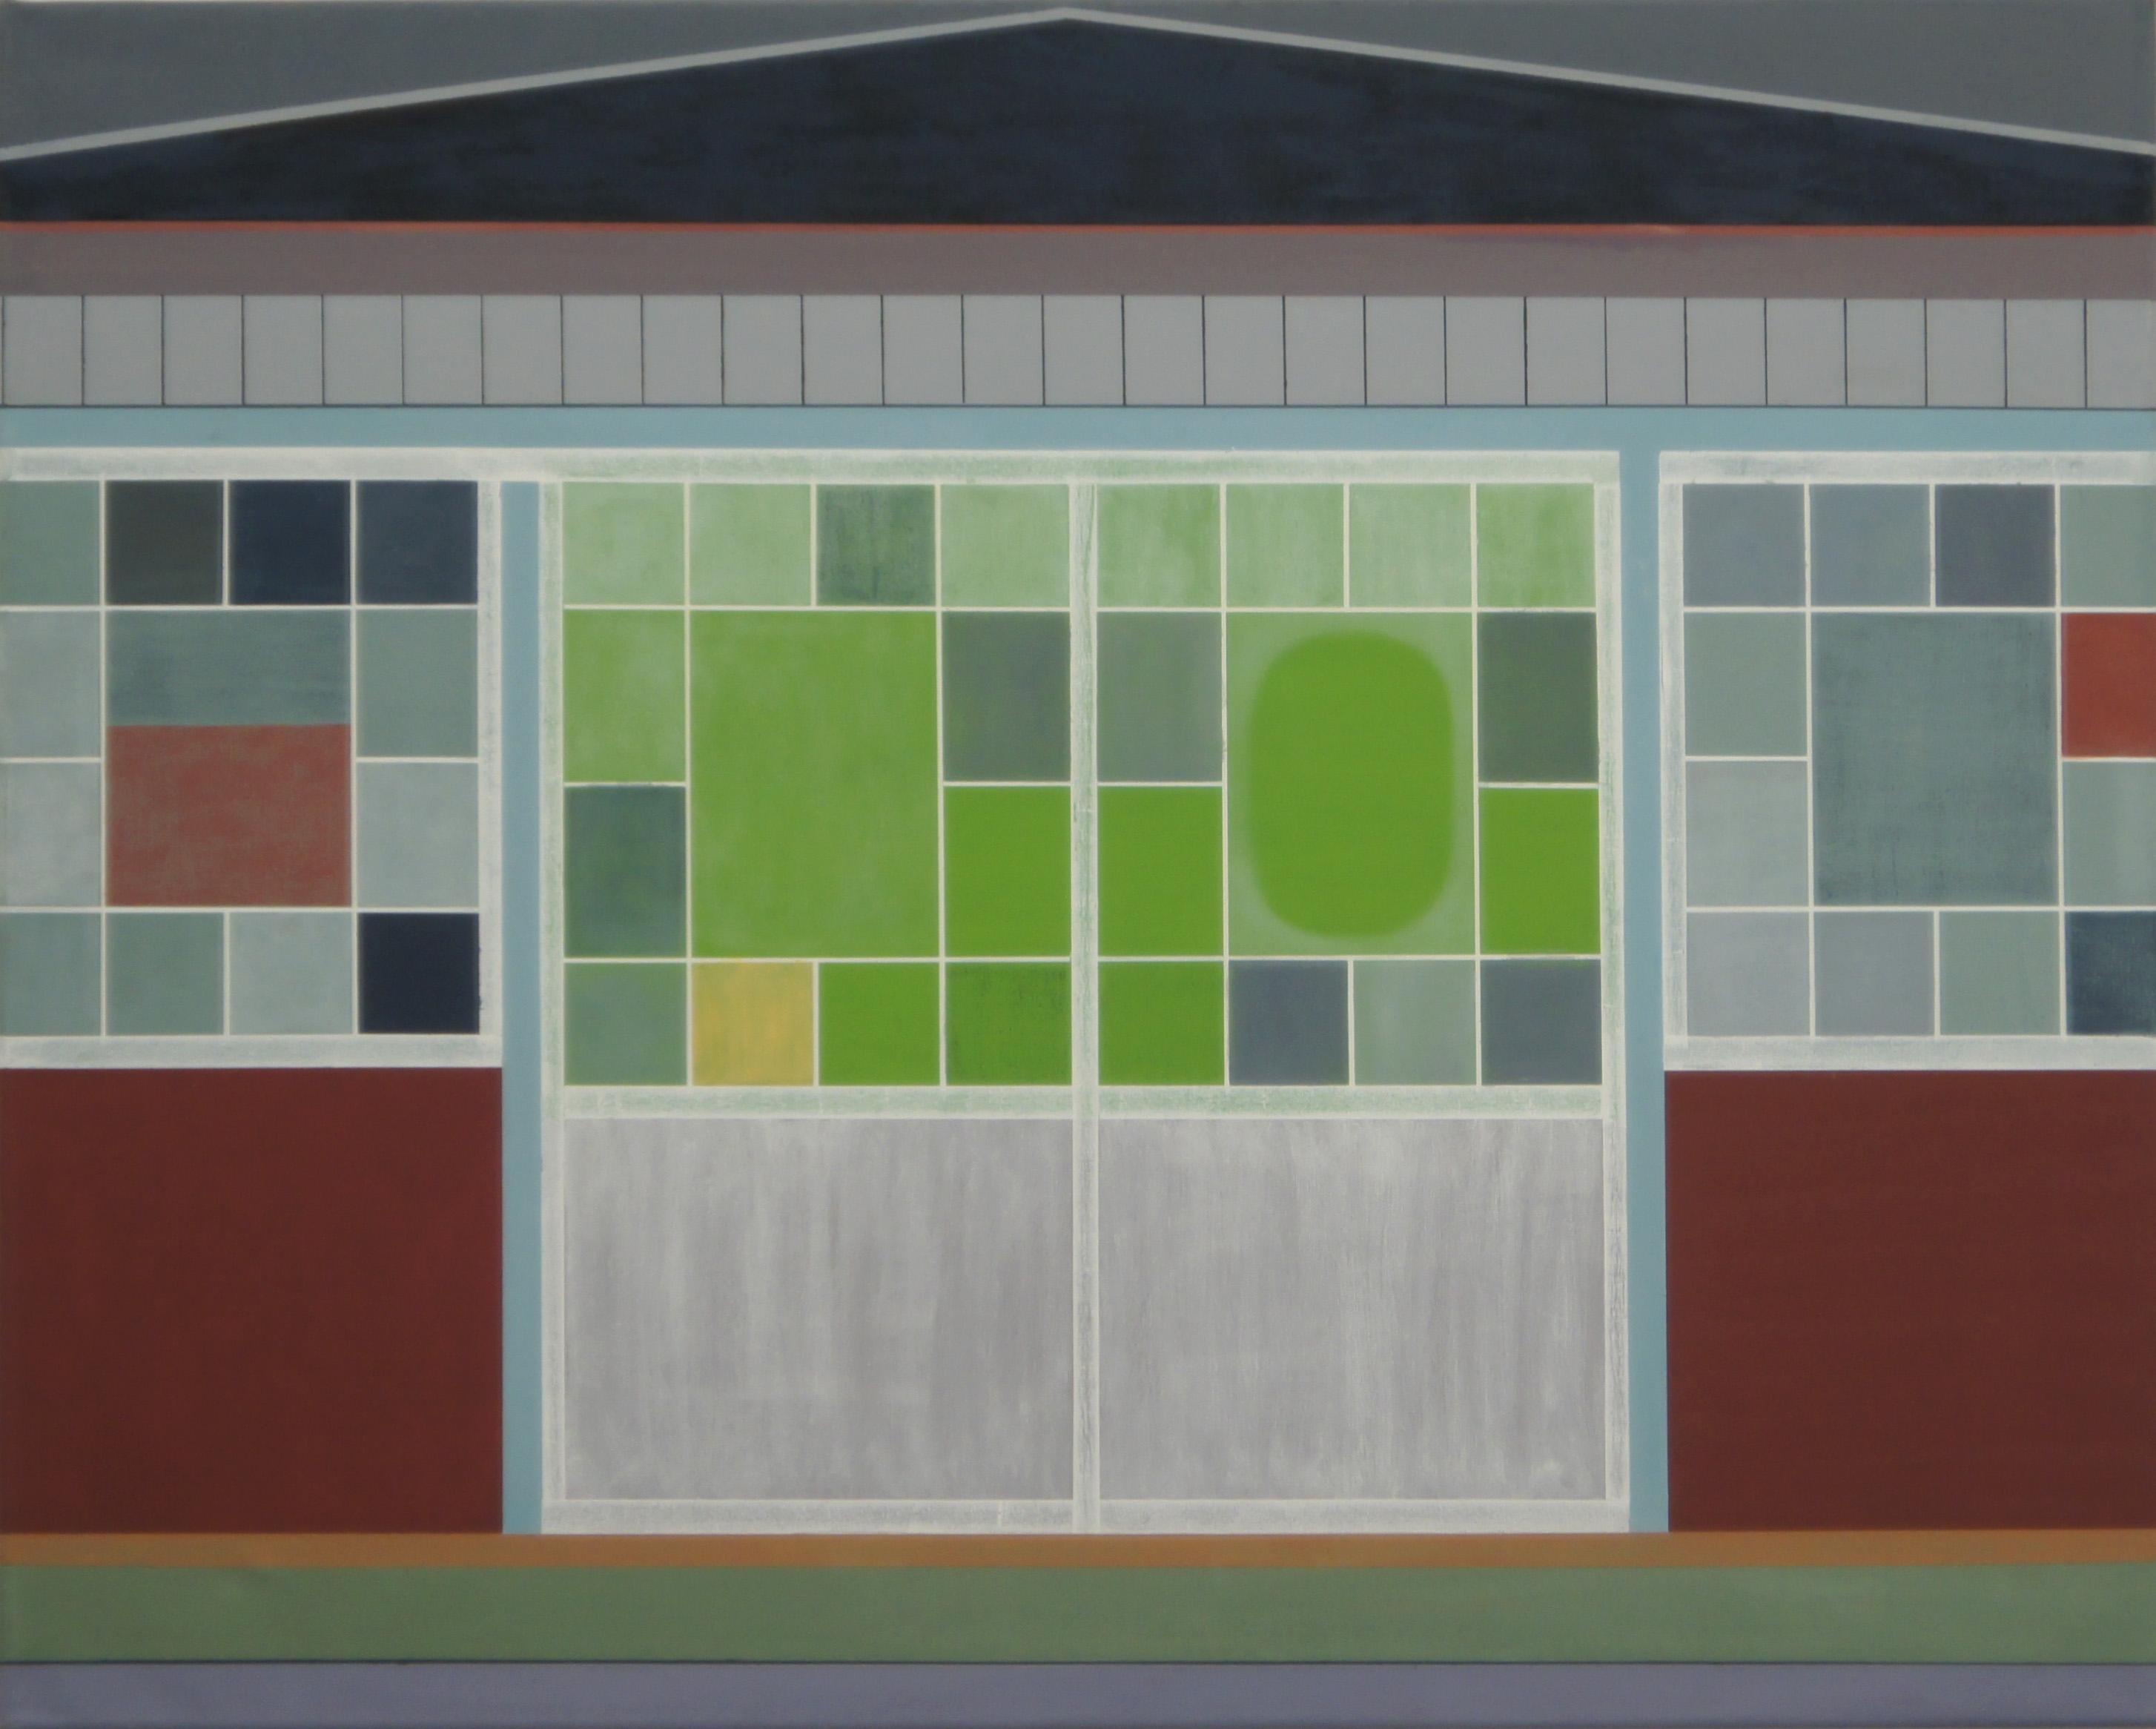 Haus in Ueno, Tokyo, 2010, 80 x 100 cm, Ölfarbe auf Leinwand House in Ueno, Tokyo, 2010, 80 x 100 cm, Oil on canvas